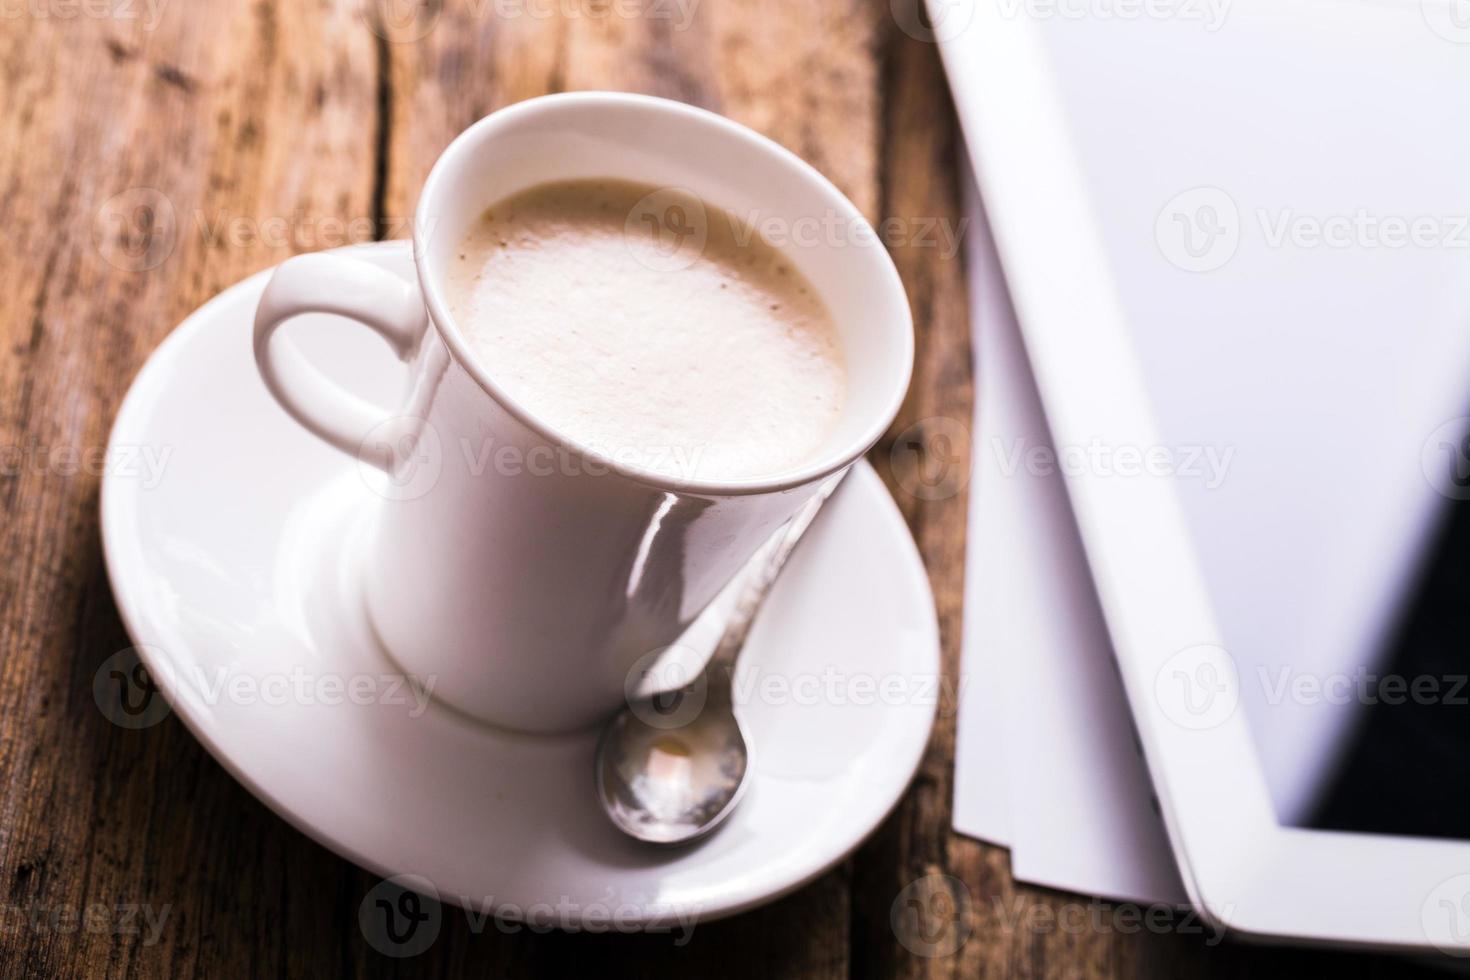 tableta digital y café sobre fondo de madera vieja foto